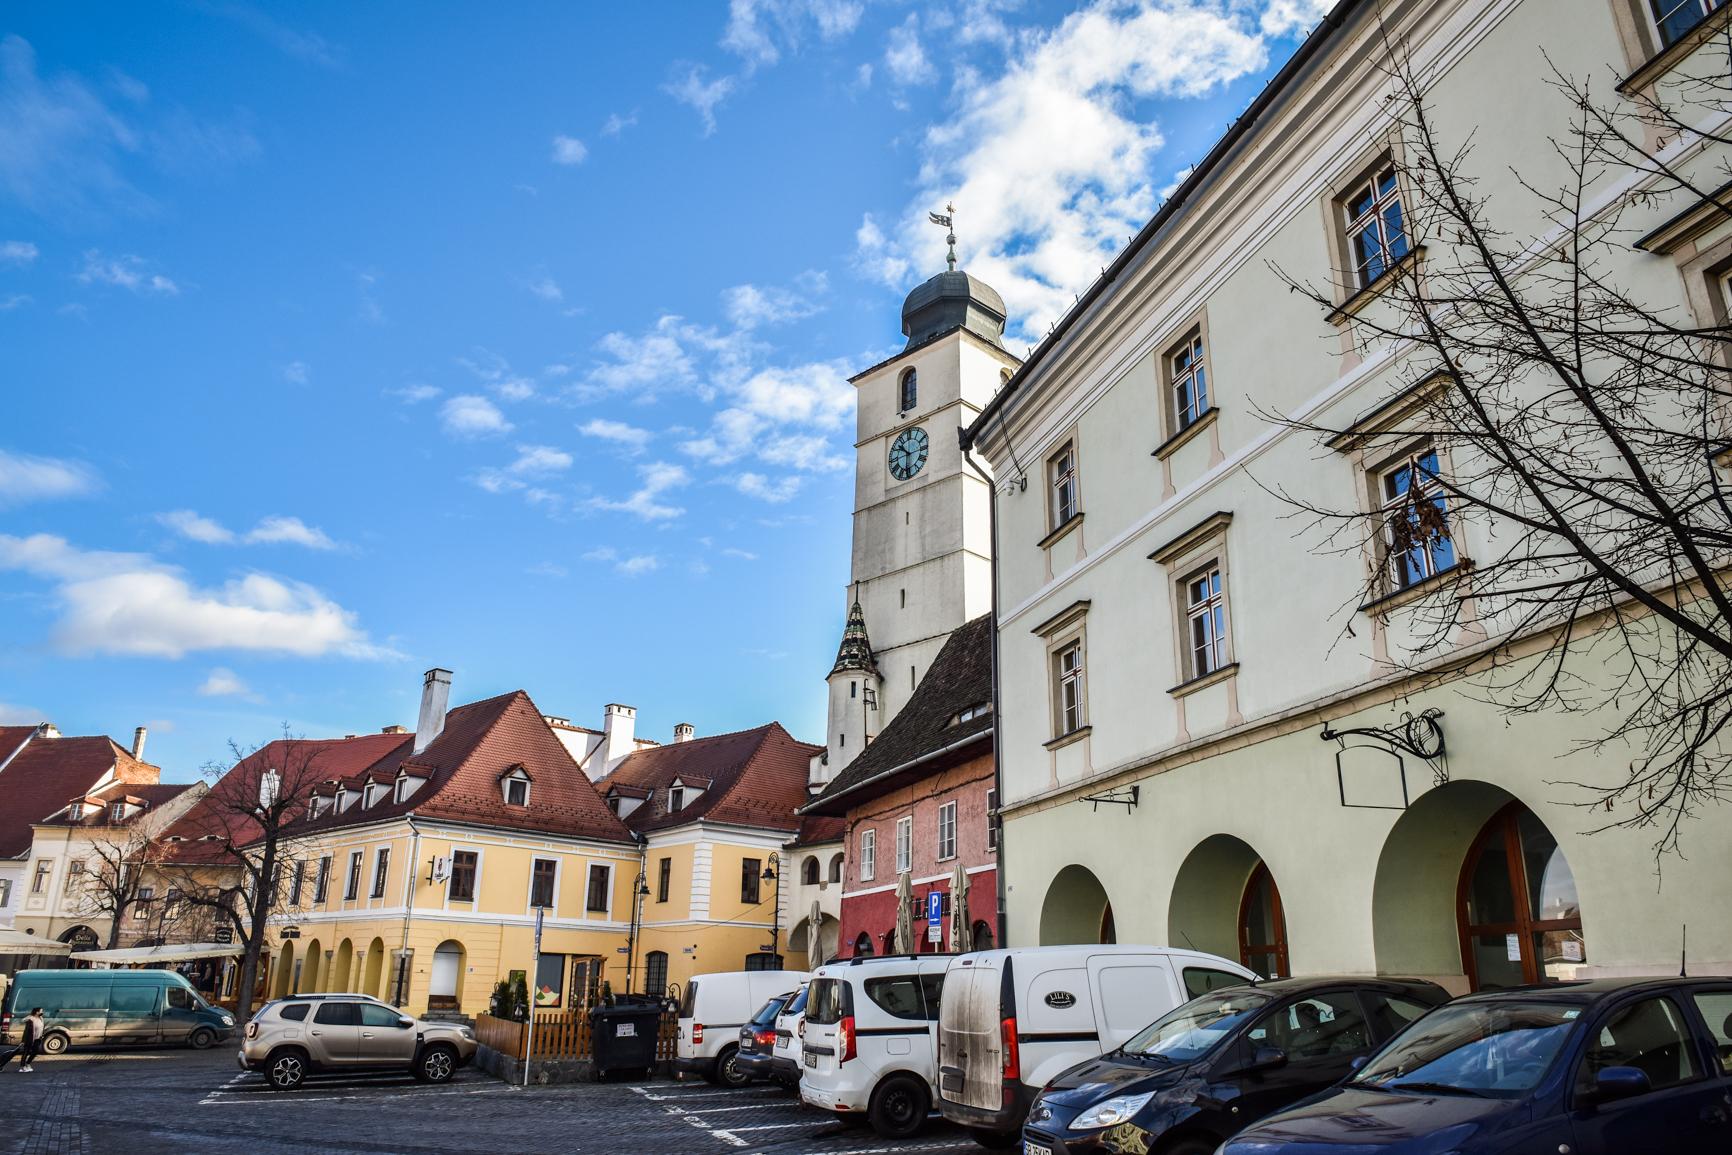 2,97 - incidența în municipiul Sibiu. La un pas de noi restricții